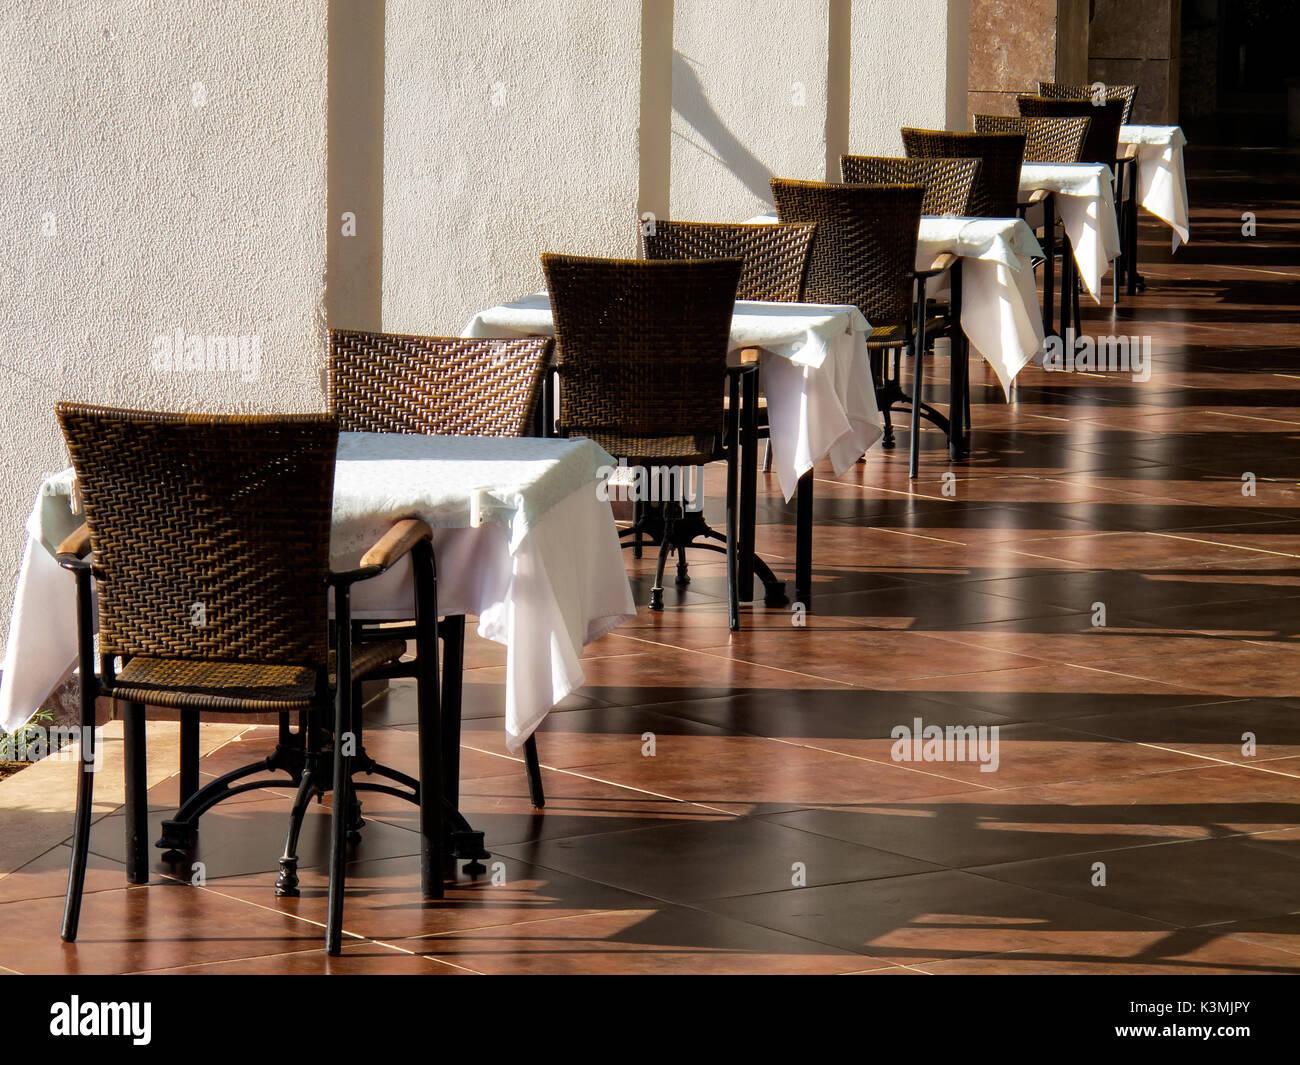 In der Nähe der leeren Restaurant im freien Tisch und Stühlen. Stockfoto